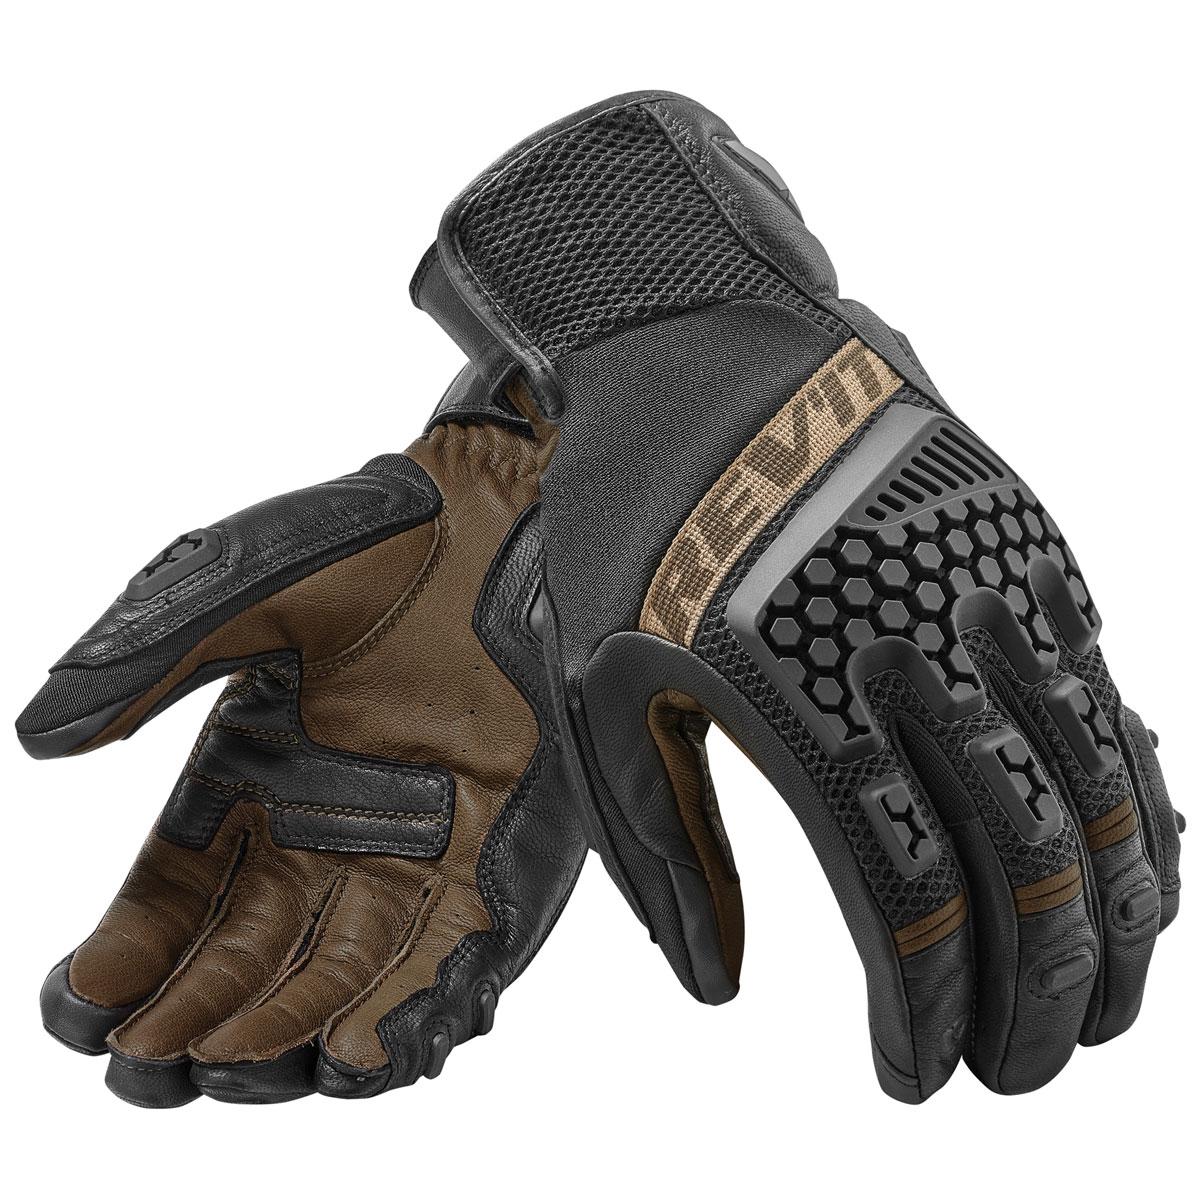 REV′IT! Men's Sand 3 Black/Sand Gloves